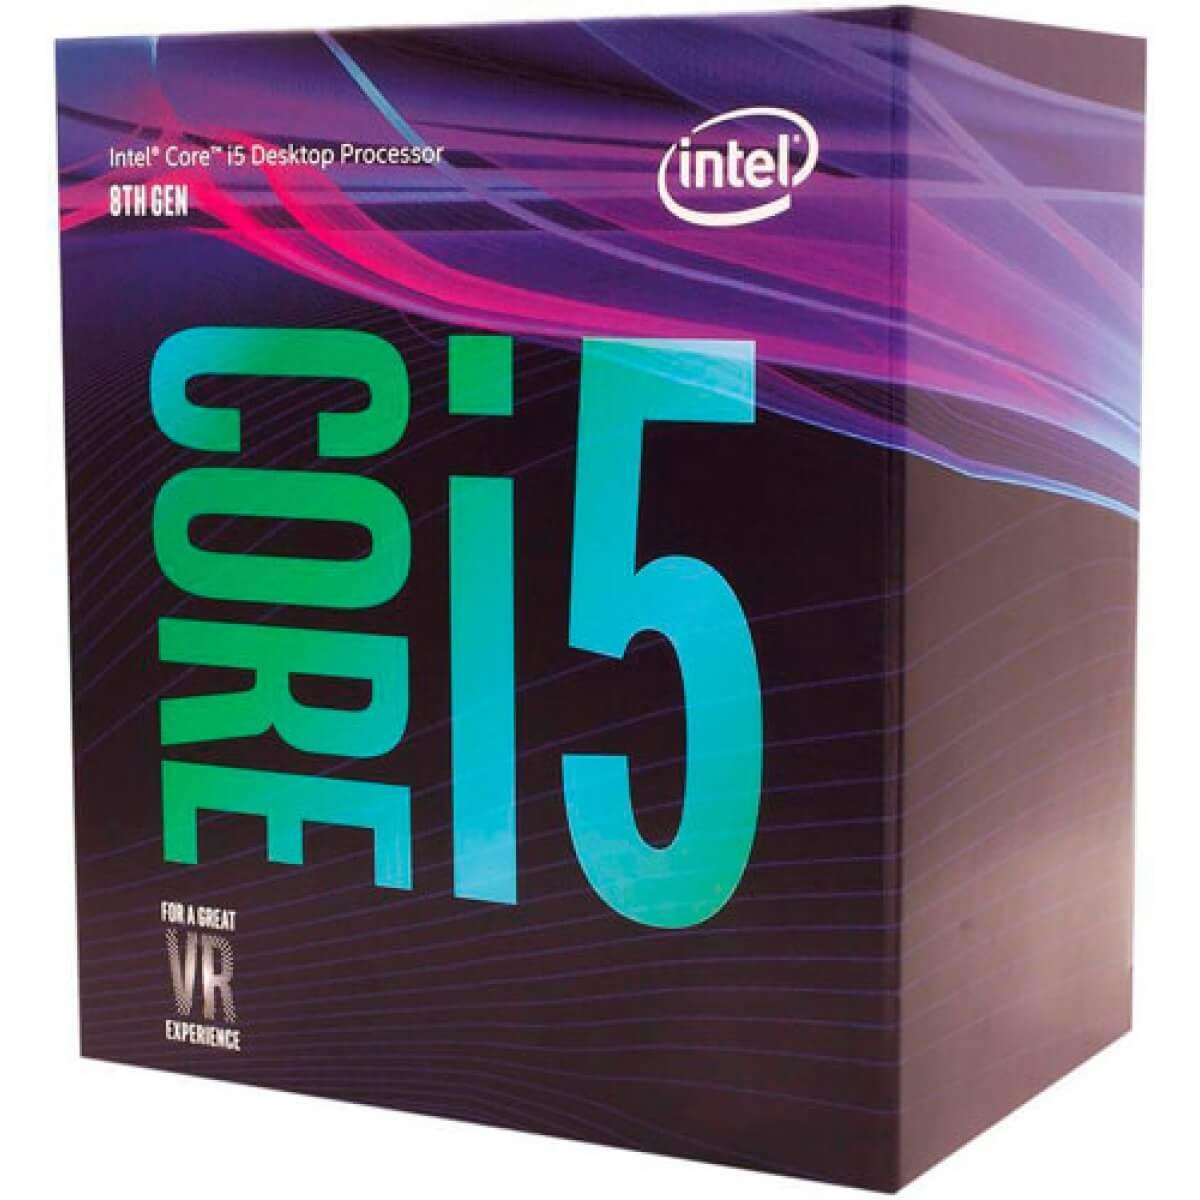 Processador intel i5 8600 3.1GHZ (4.3GHZ TURBO) 8ª Geração Coffee Lake LGA 1151